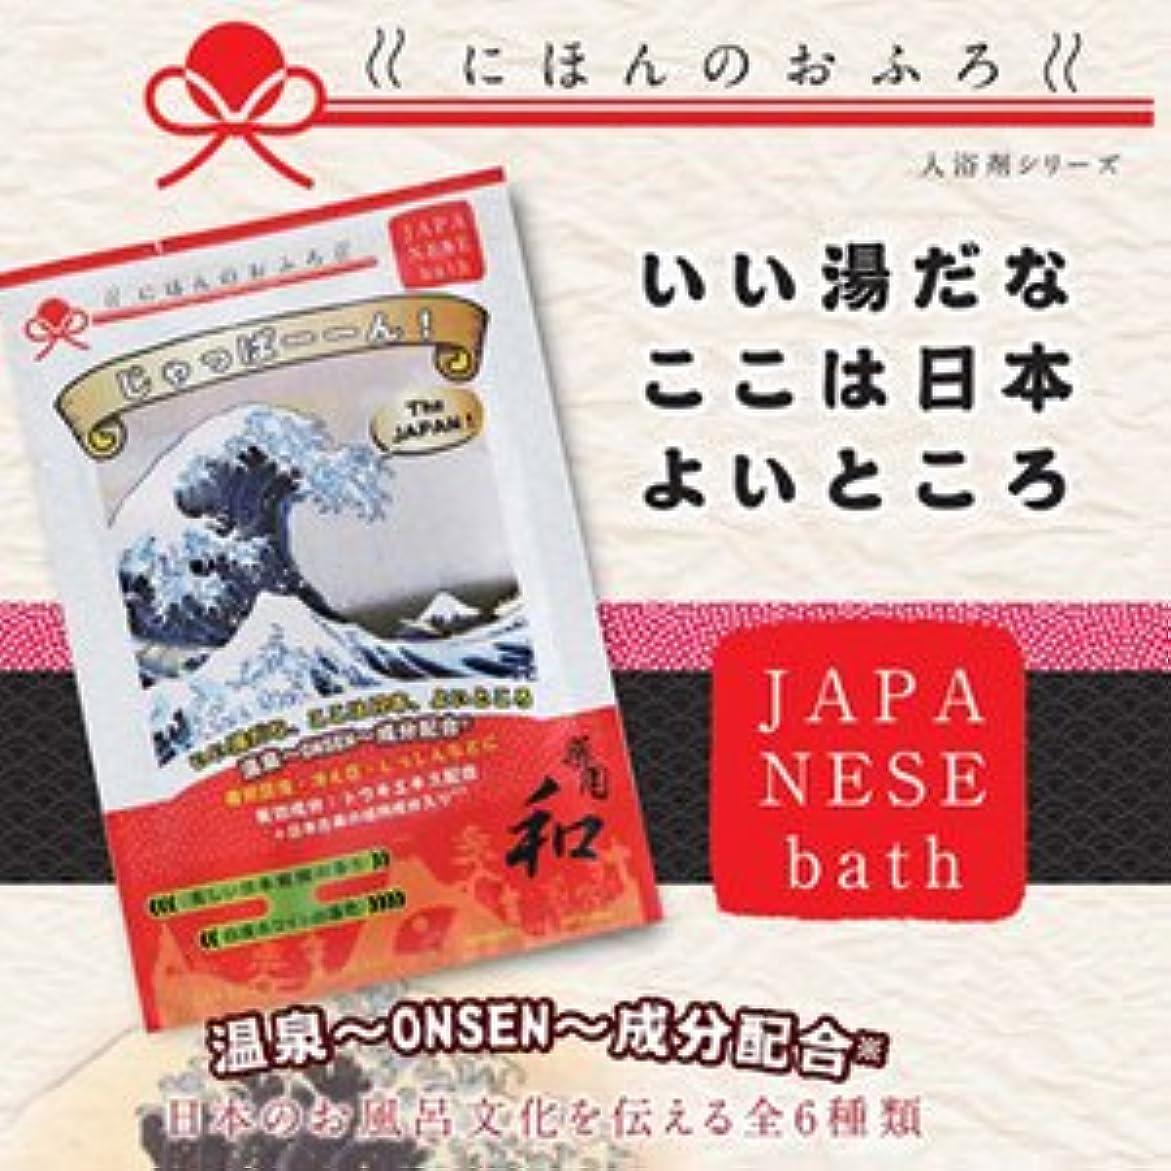 白雪姫ラケットおんどり日本のお風呂 全部ためせる6種類セット 入浴剤 福袋/入浴剤福袋